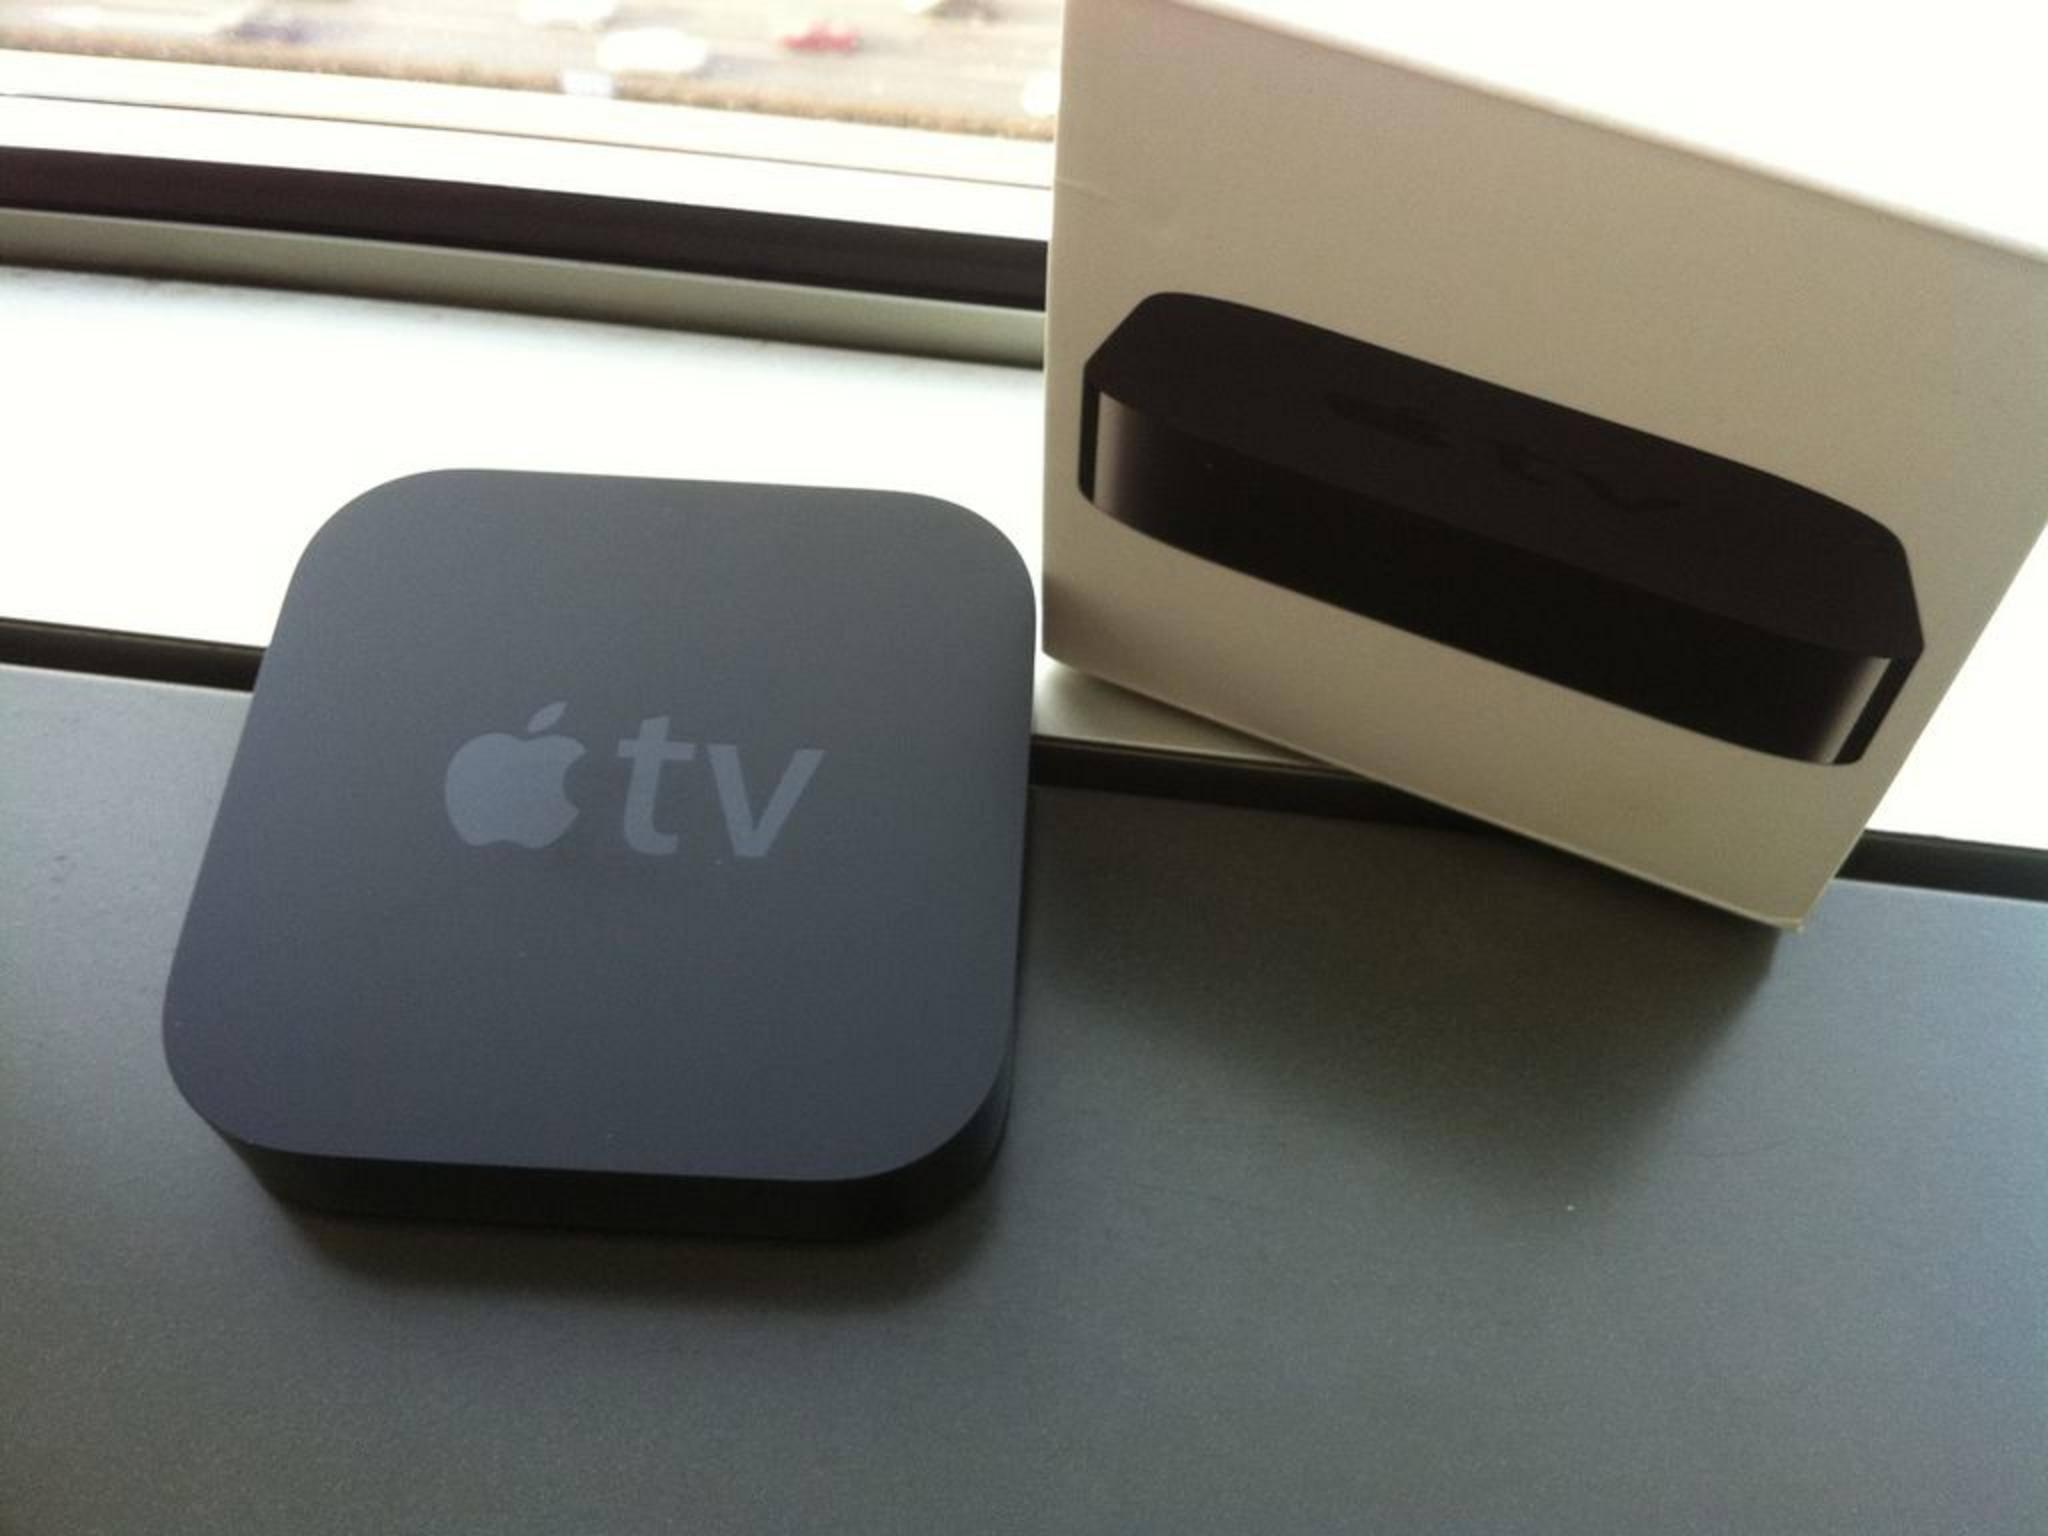 Ist die kleine Box Apple TV vielleicht doch die Lösung?